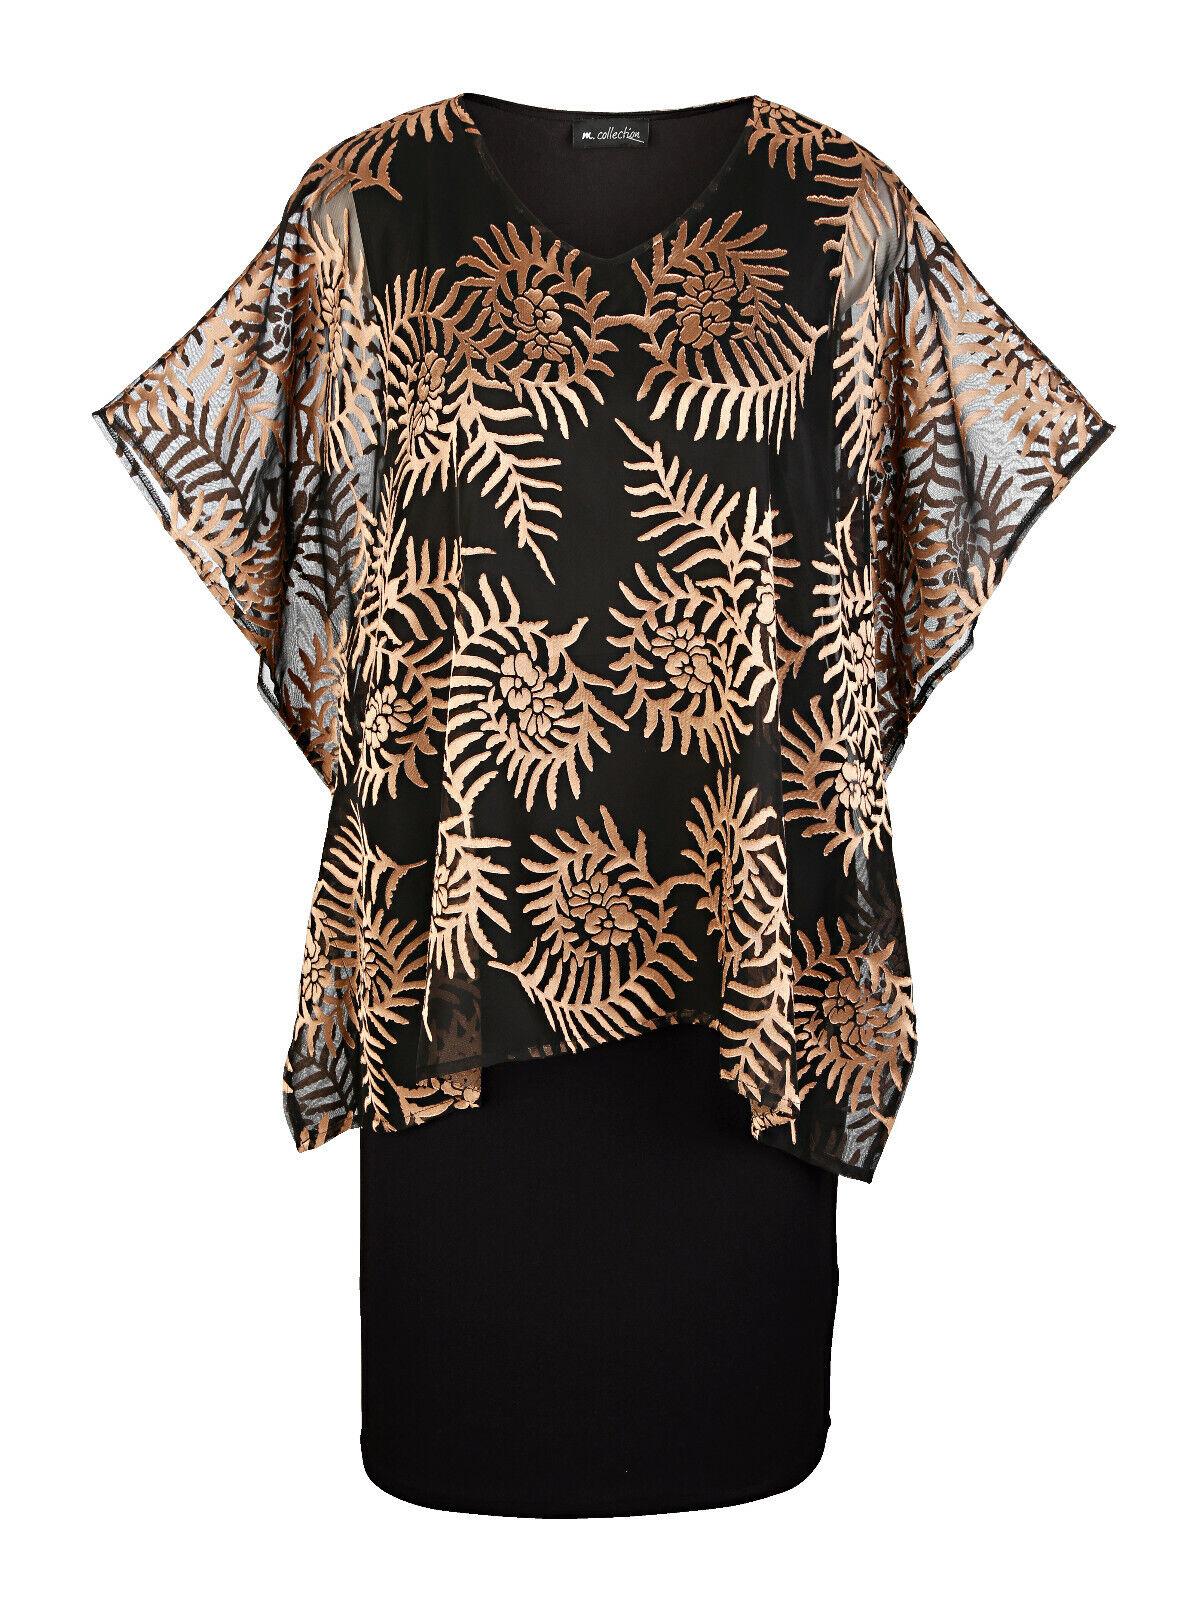 Marken Abend Kleid schwarz-gold mit Überwurf Gr. 52 0919565750